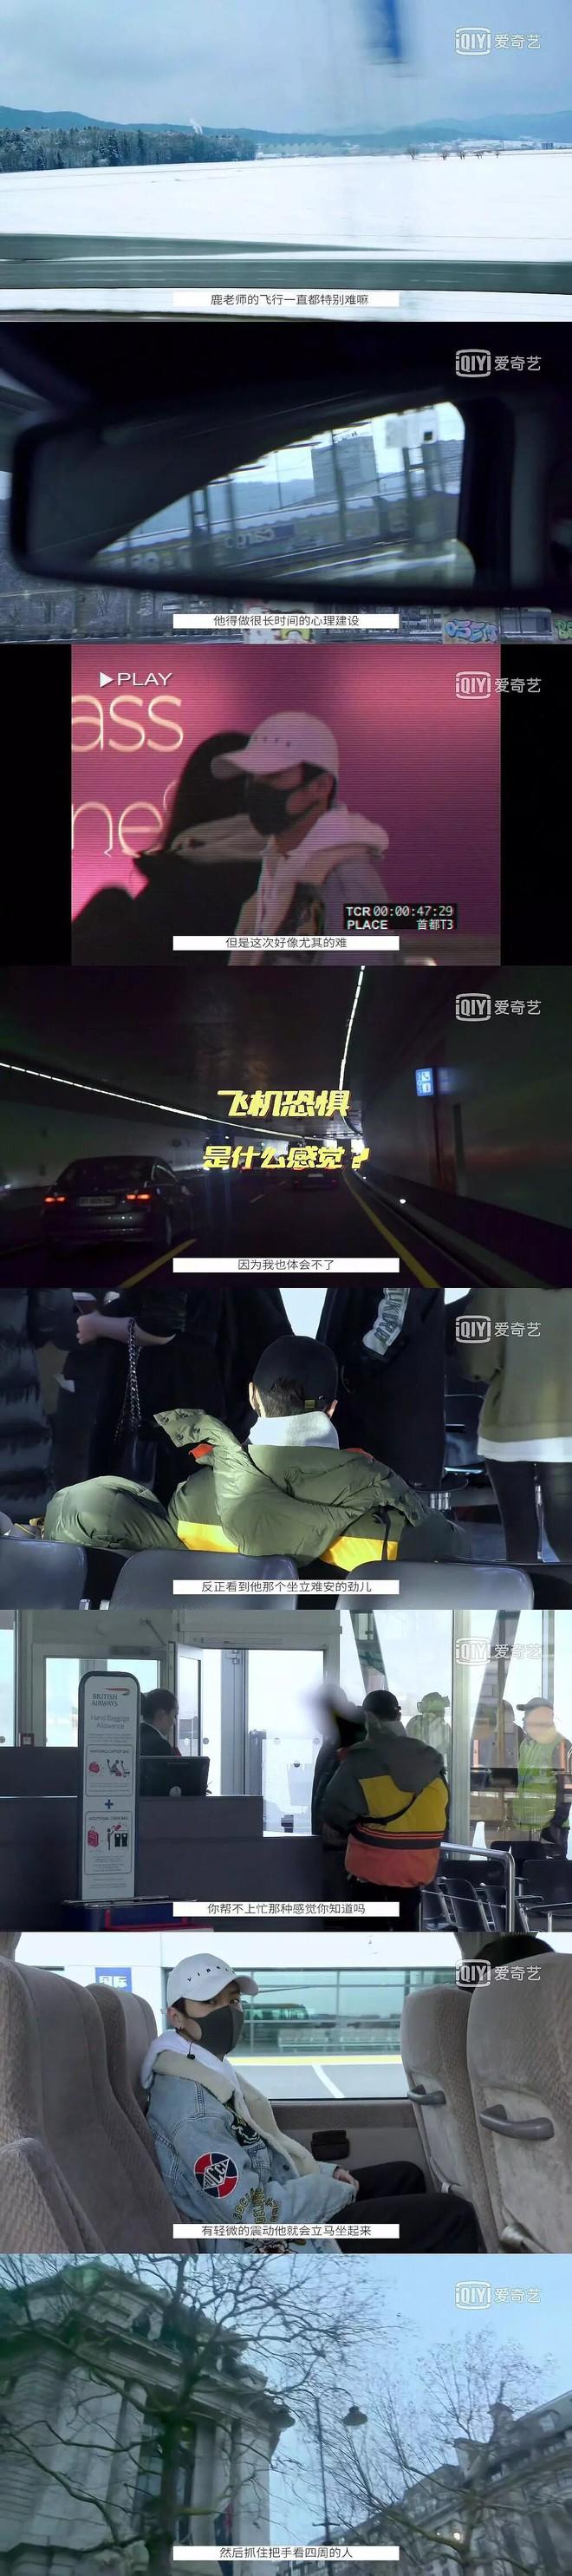 Hot nhất Weibo: Luhan công khai cảm ơn Tao - Ngô Diệc Phàm trên sóng truyền hình vì 1 lý do cảm động - ảnh 2